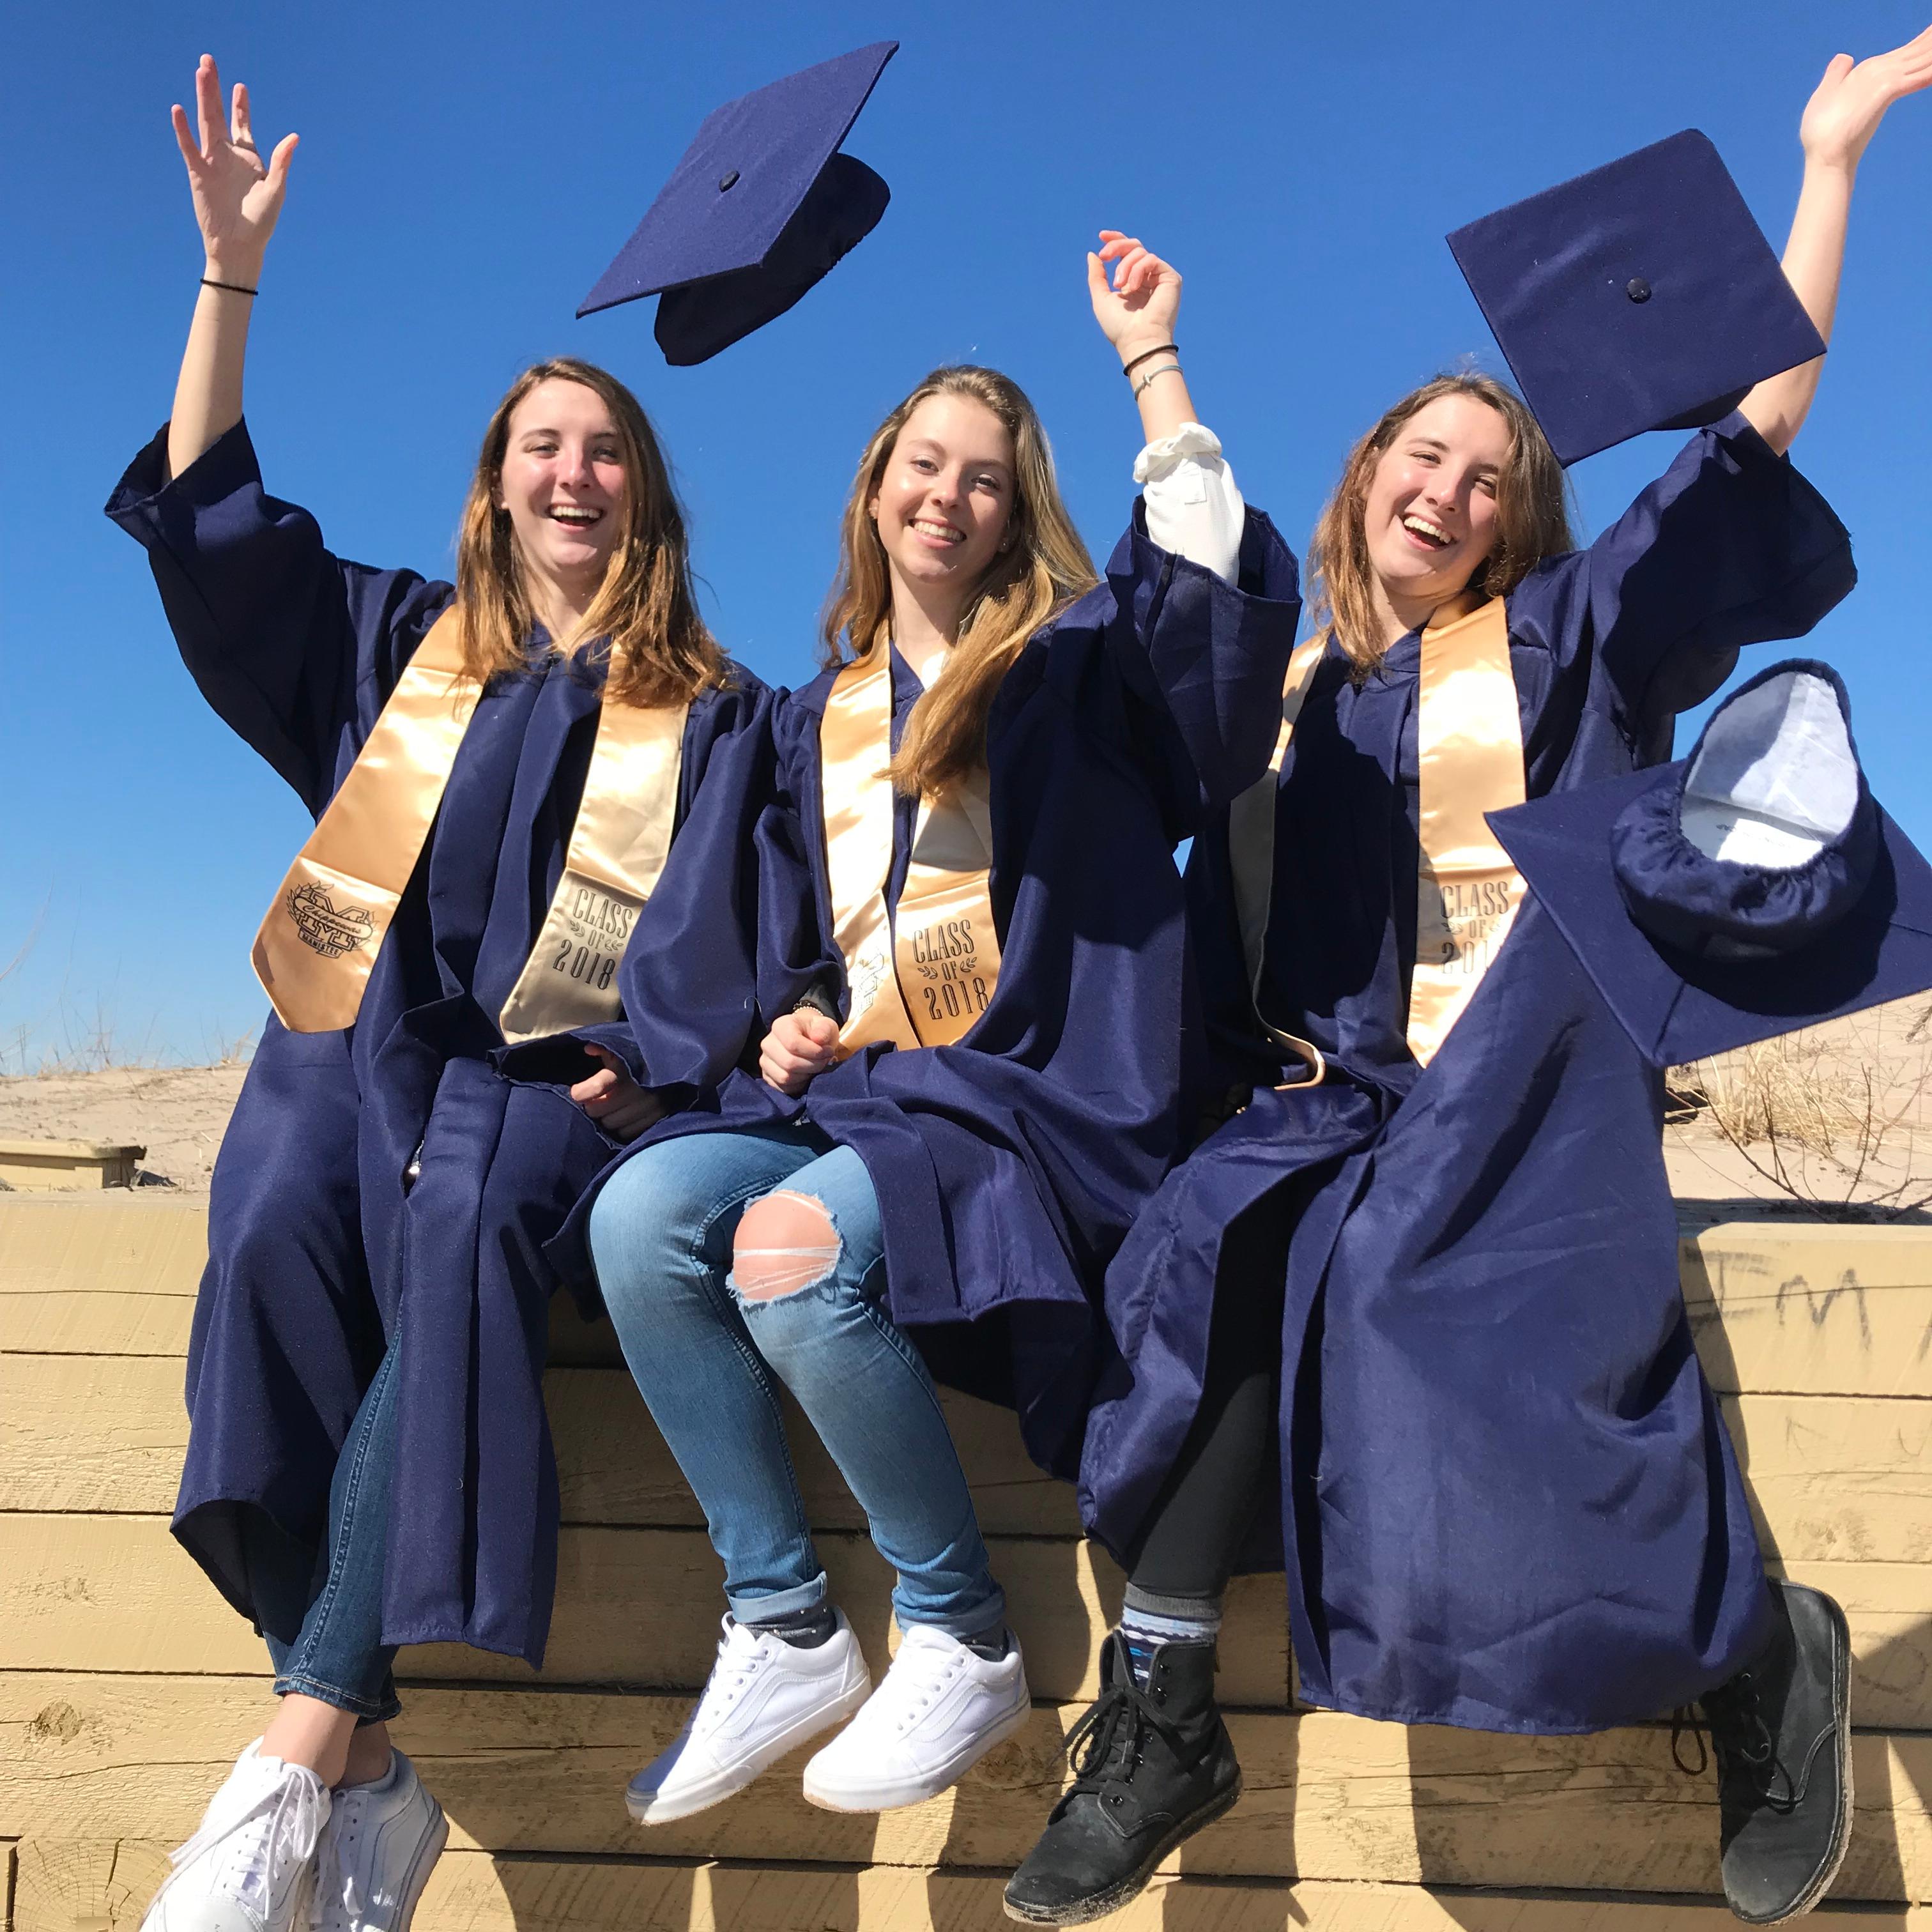 La cerimonia della Graduation è il sogno di tanti exchange student.